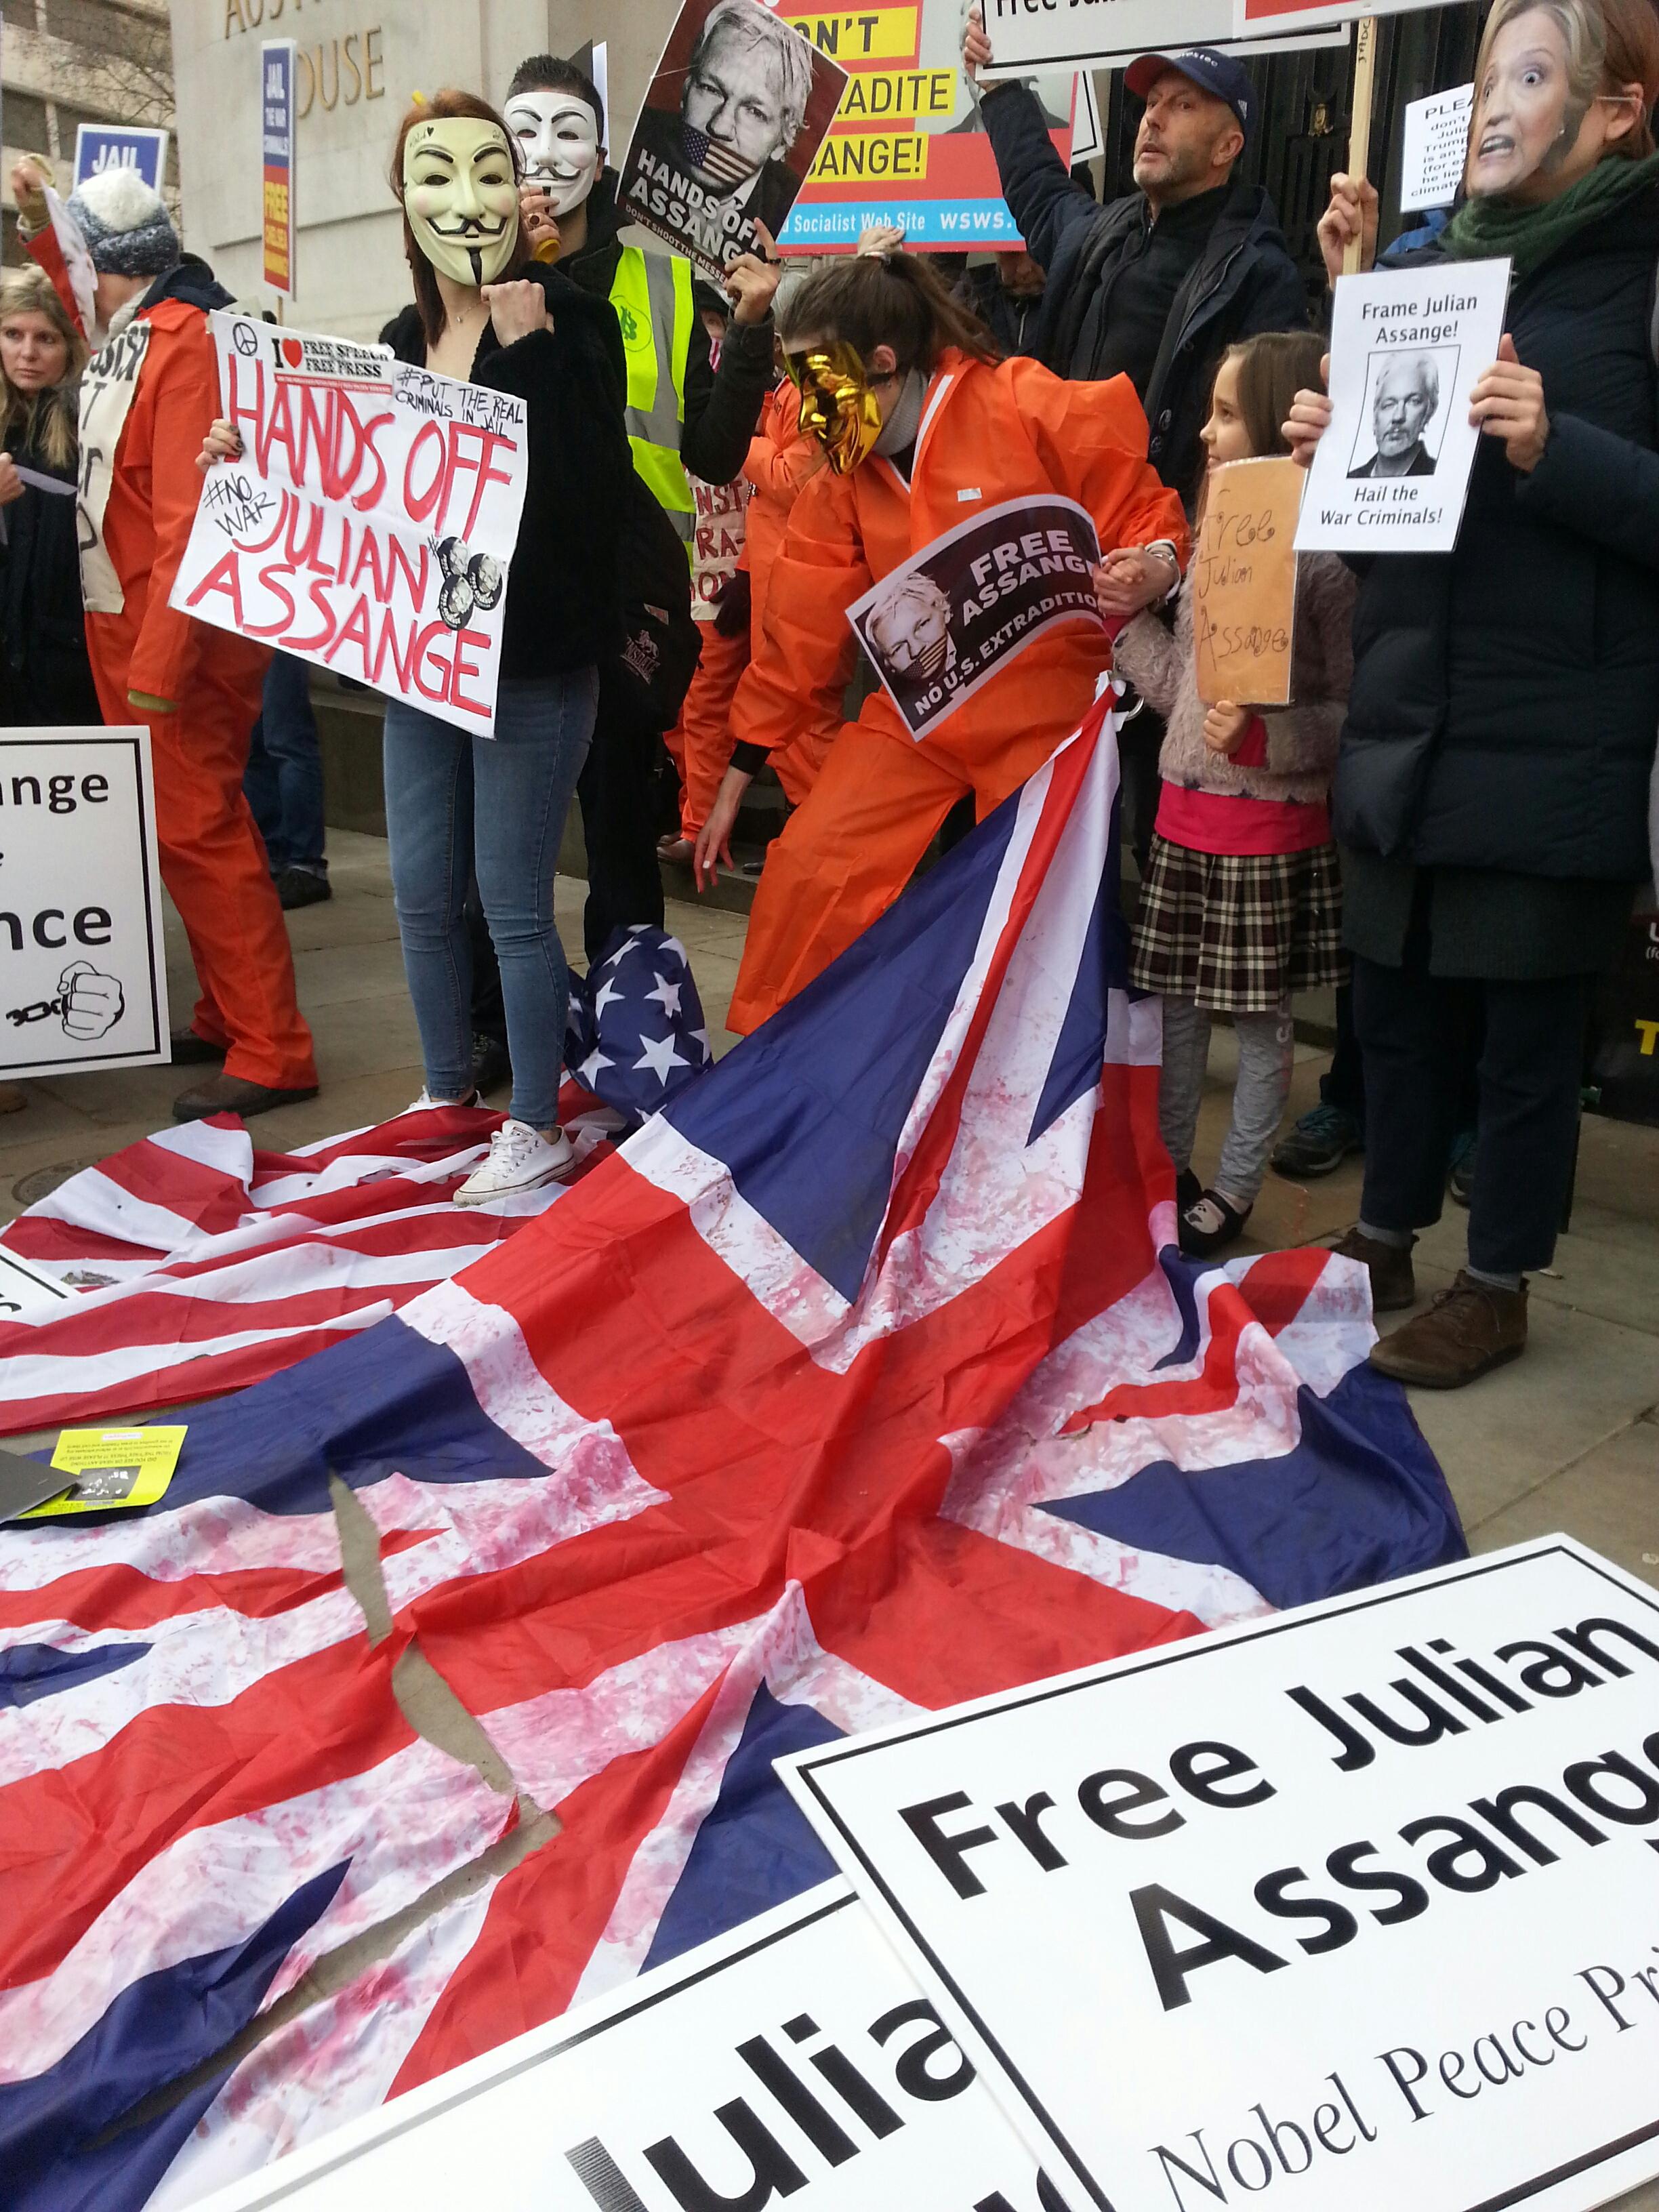 protest_bloody_flag_australian_house.jpg